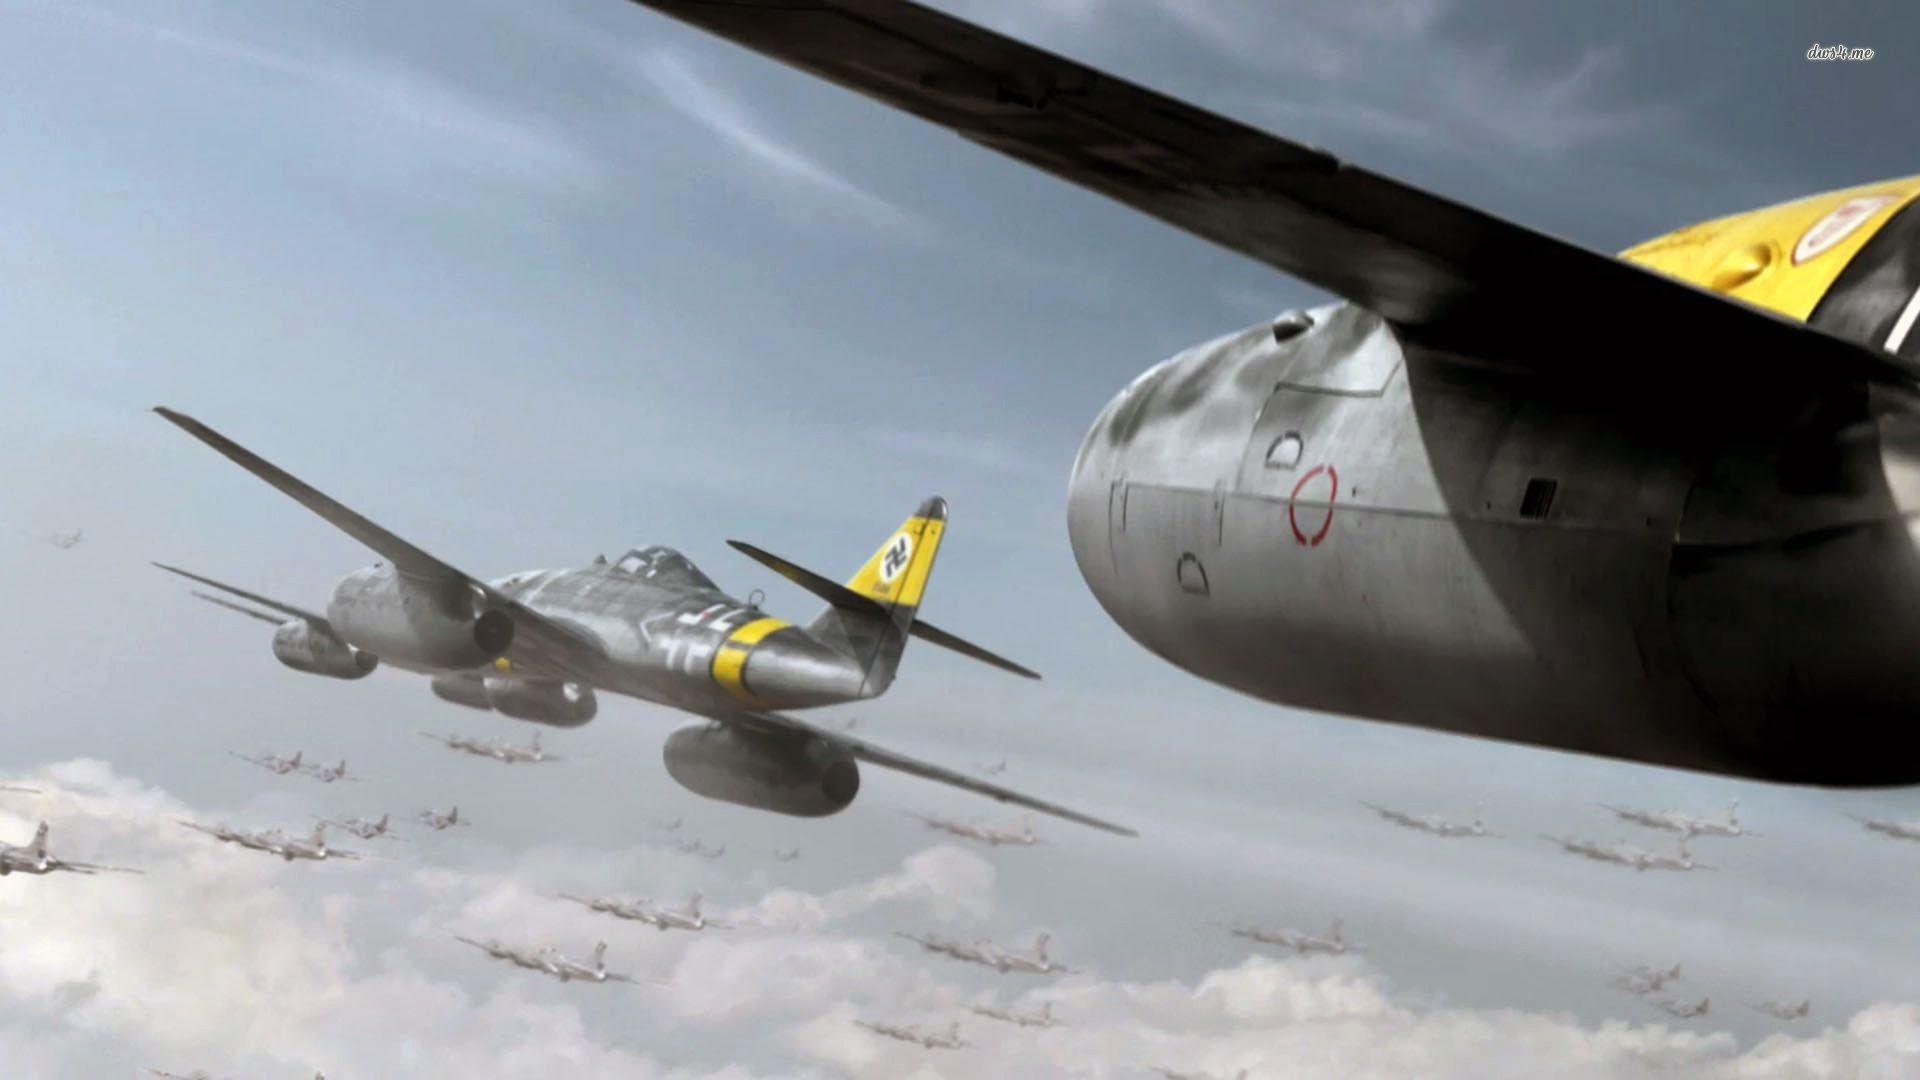 Messerschmitt Me 262 wallpaper – Aircraft wallpapers – #5642